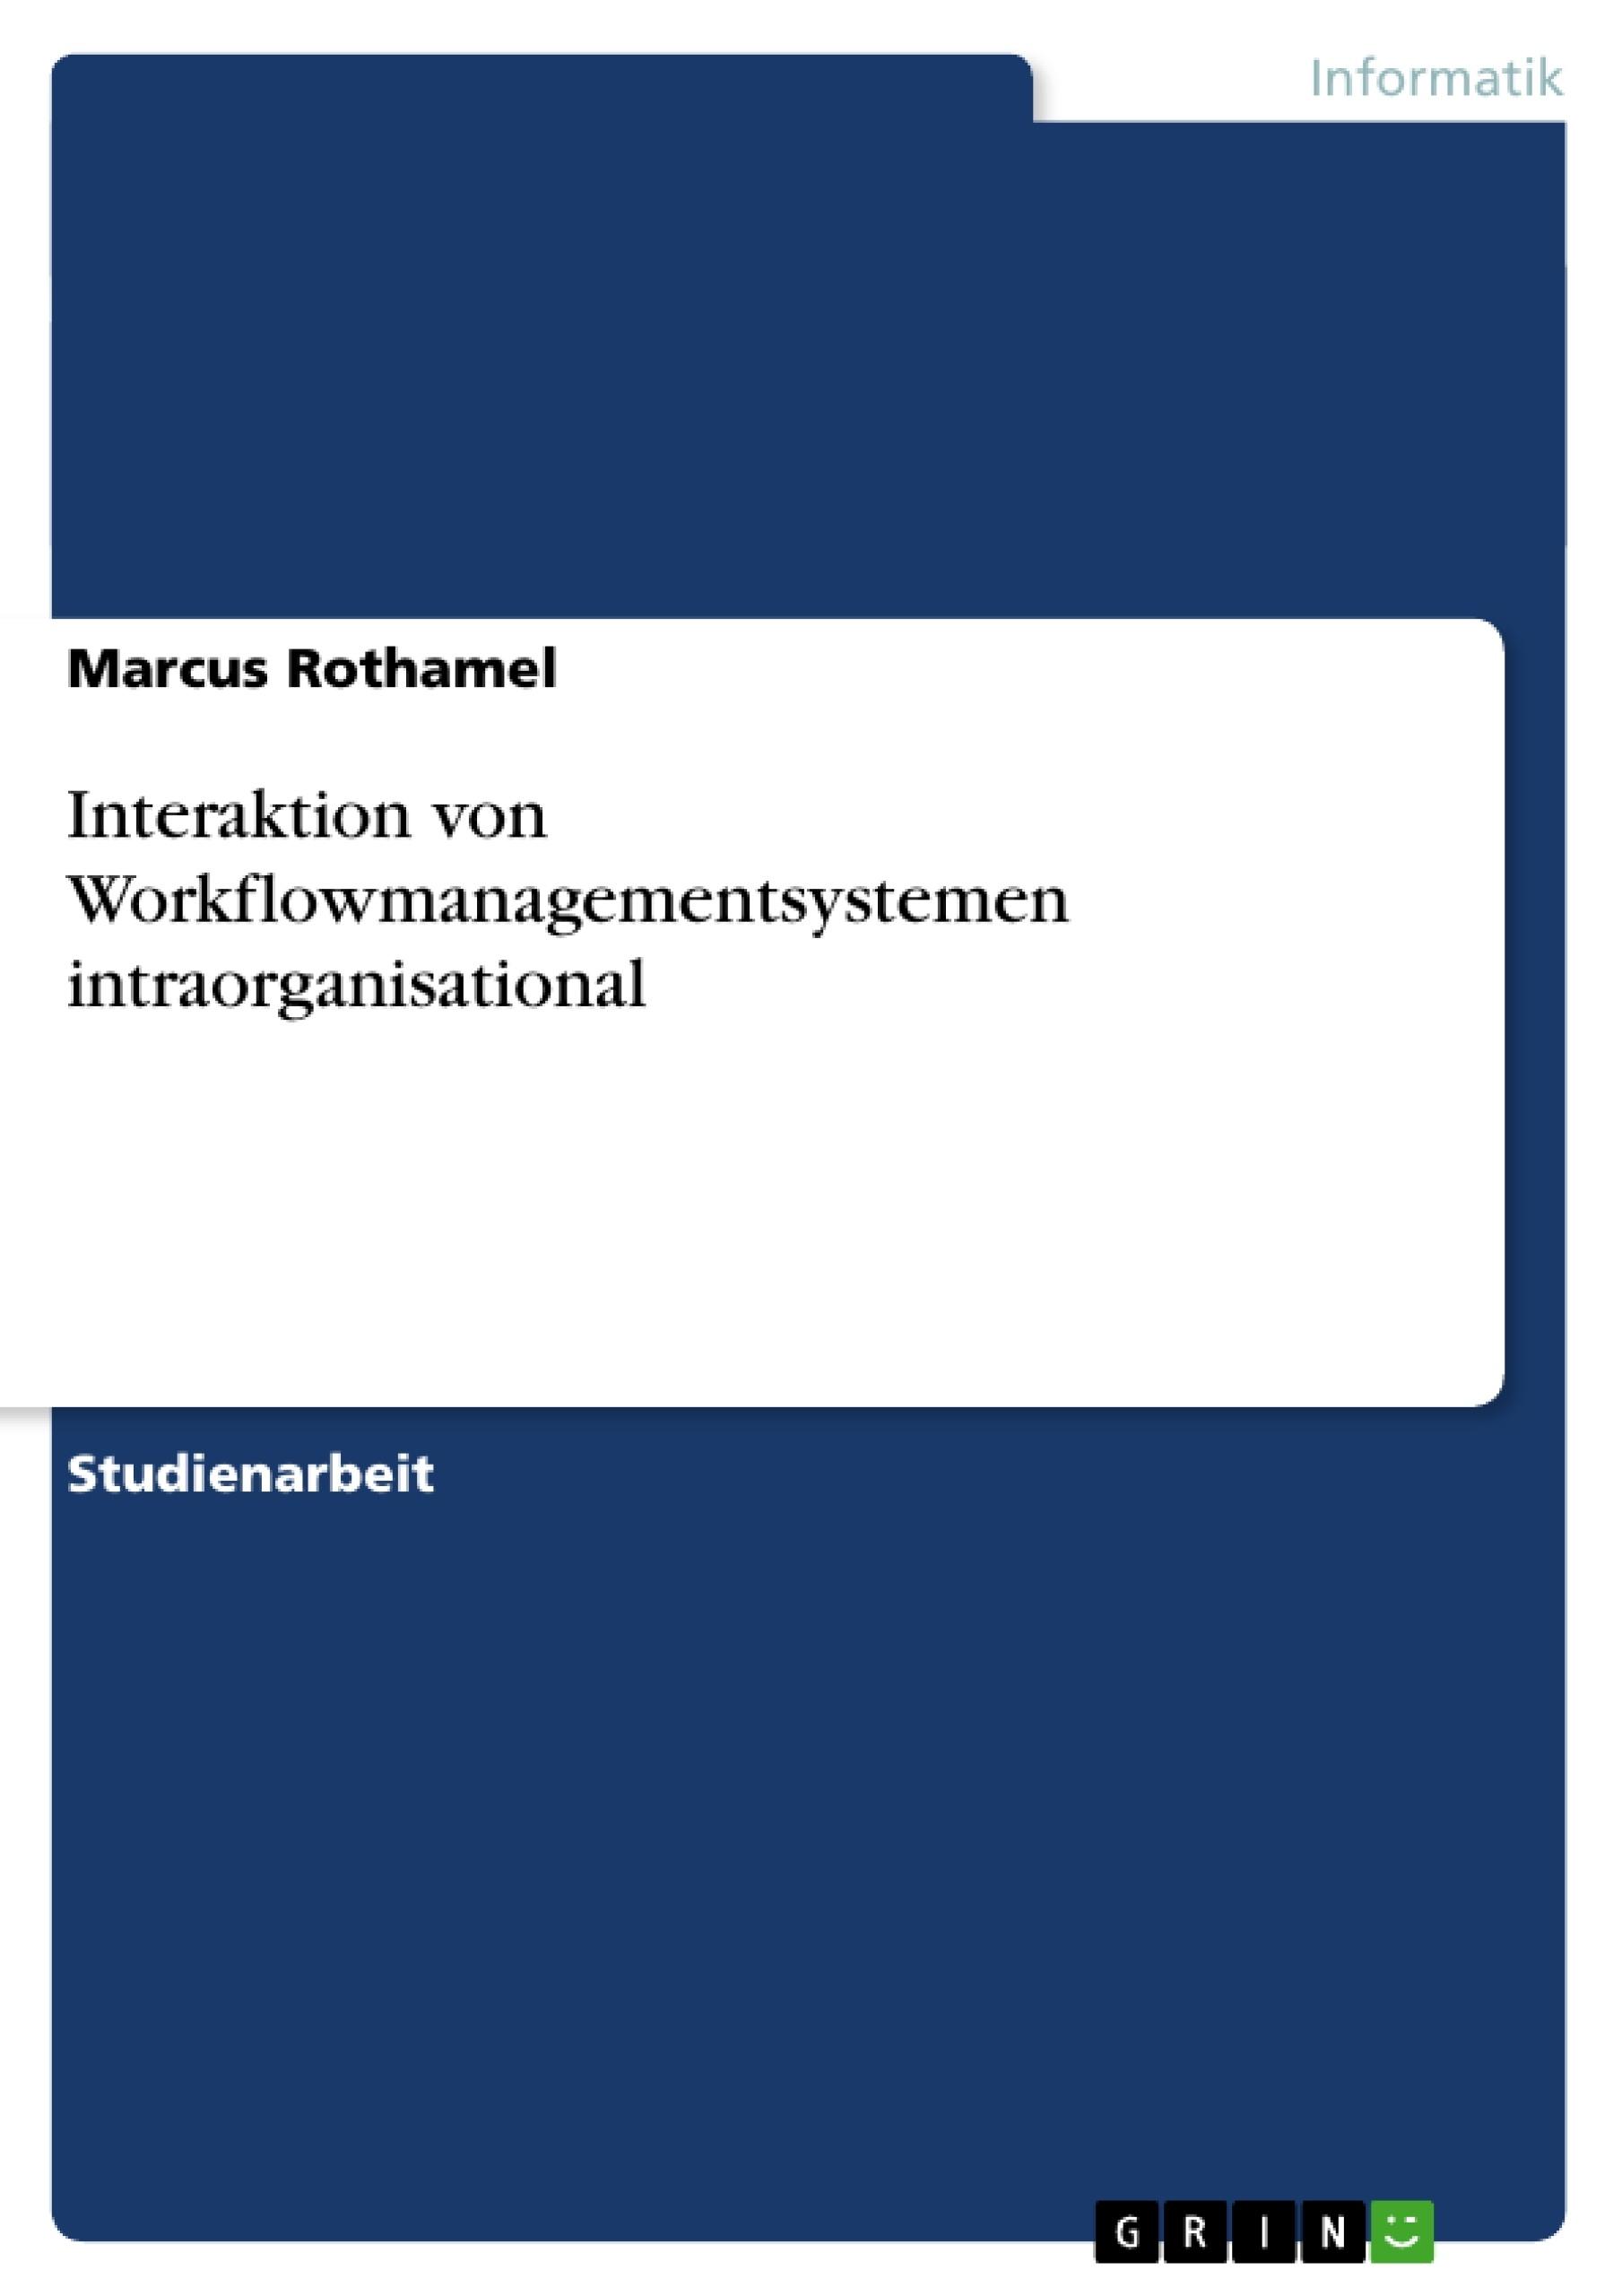 Titel: Interaktion von Workflowmanagementsystemen intraorganisational